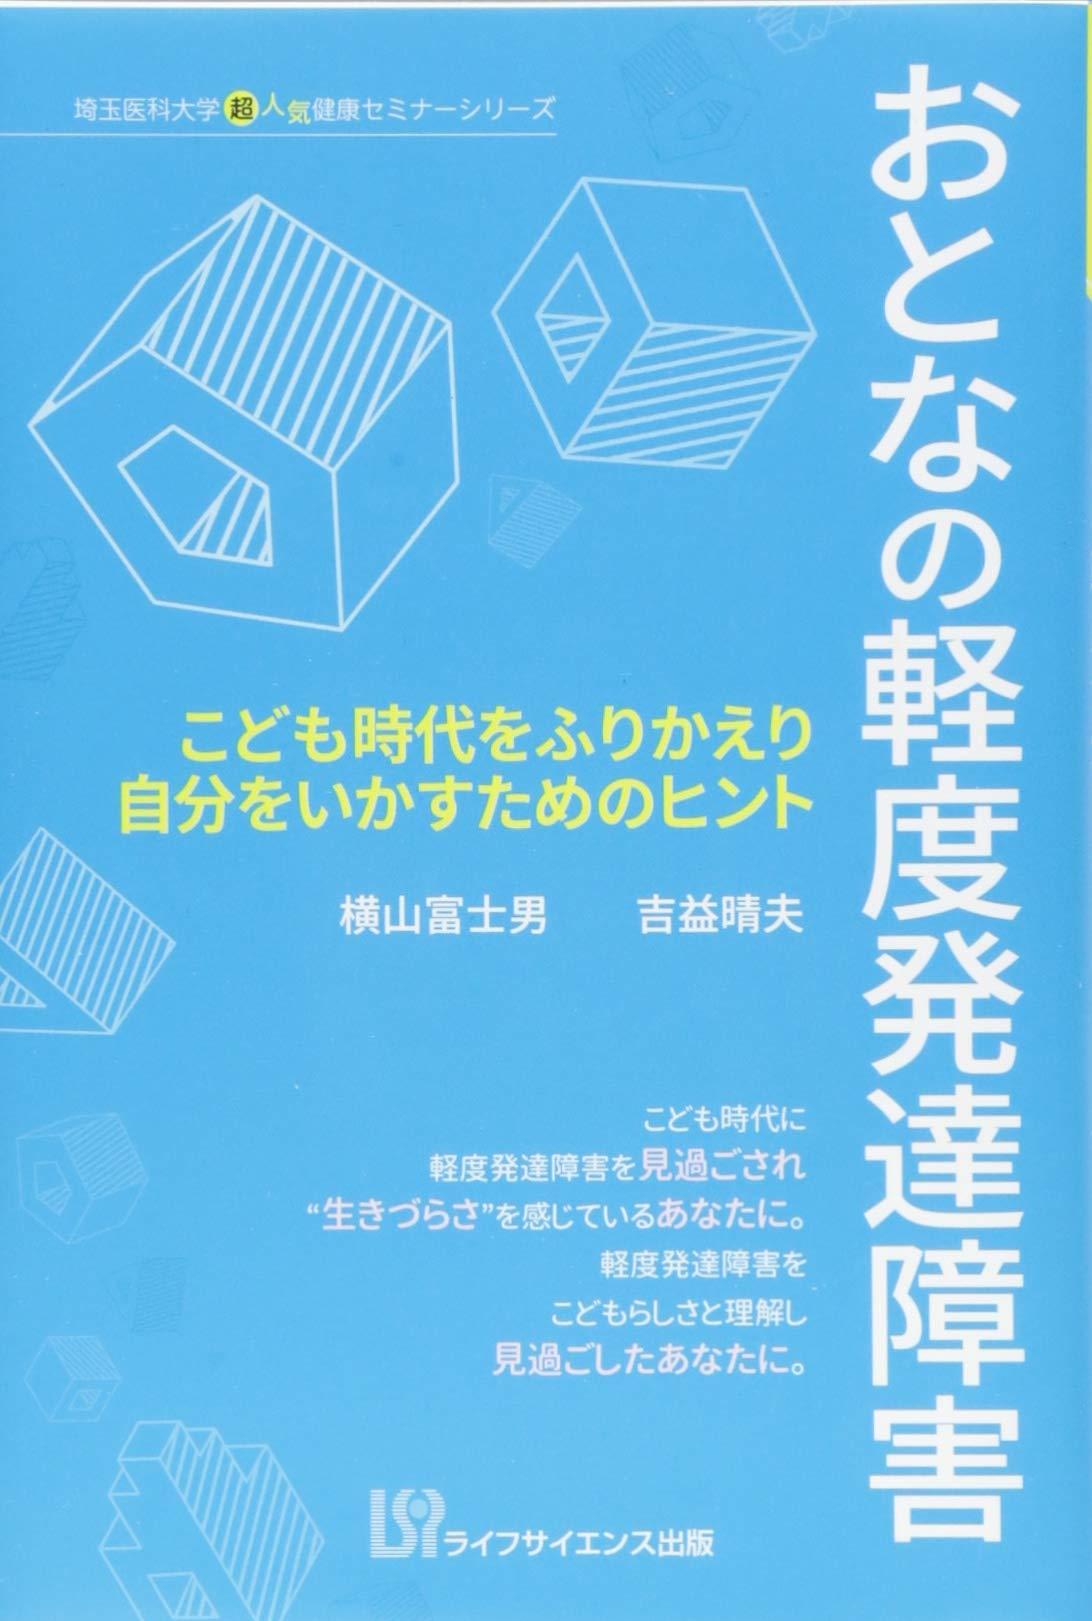 発達障害 埼玉